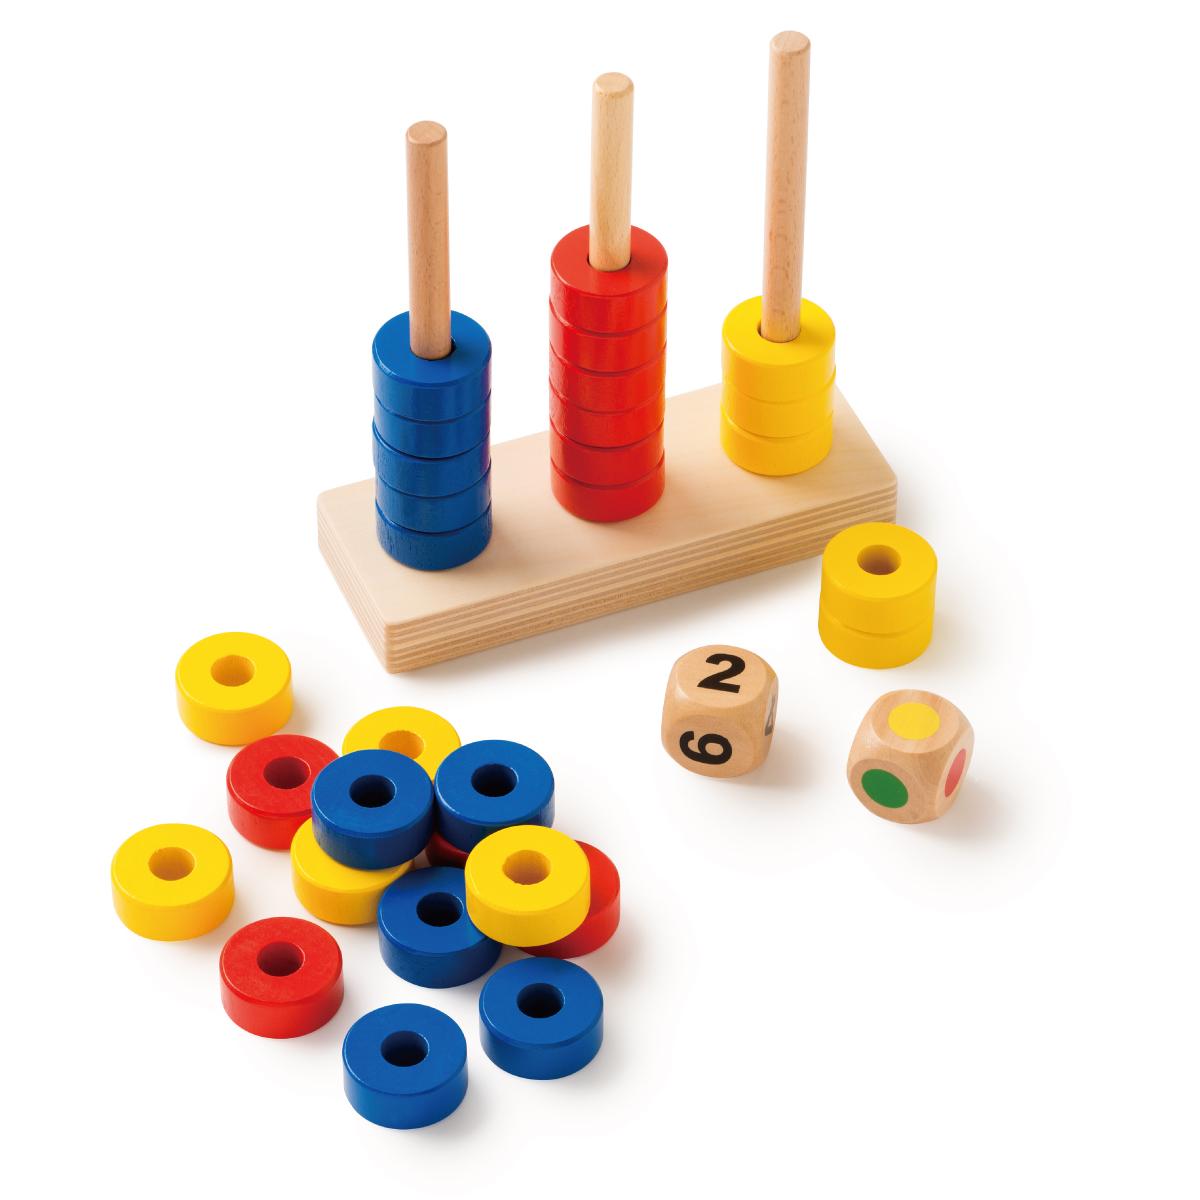 「Toys for Life」社の遊具で数を学ぼう!